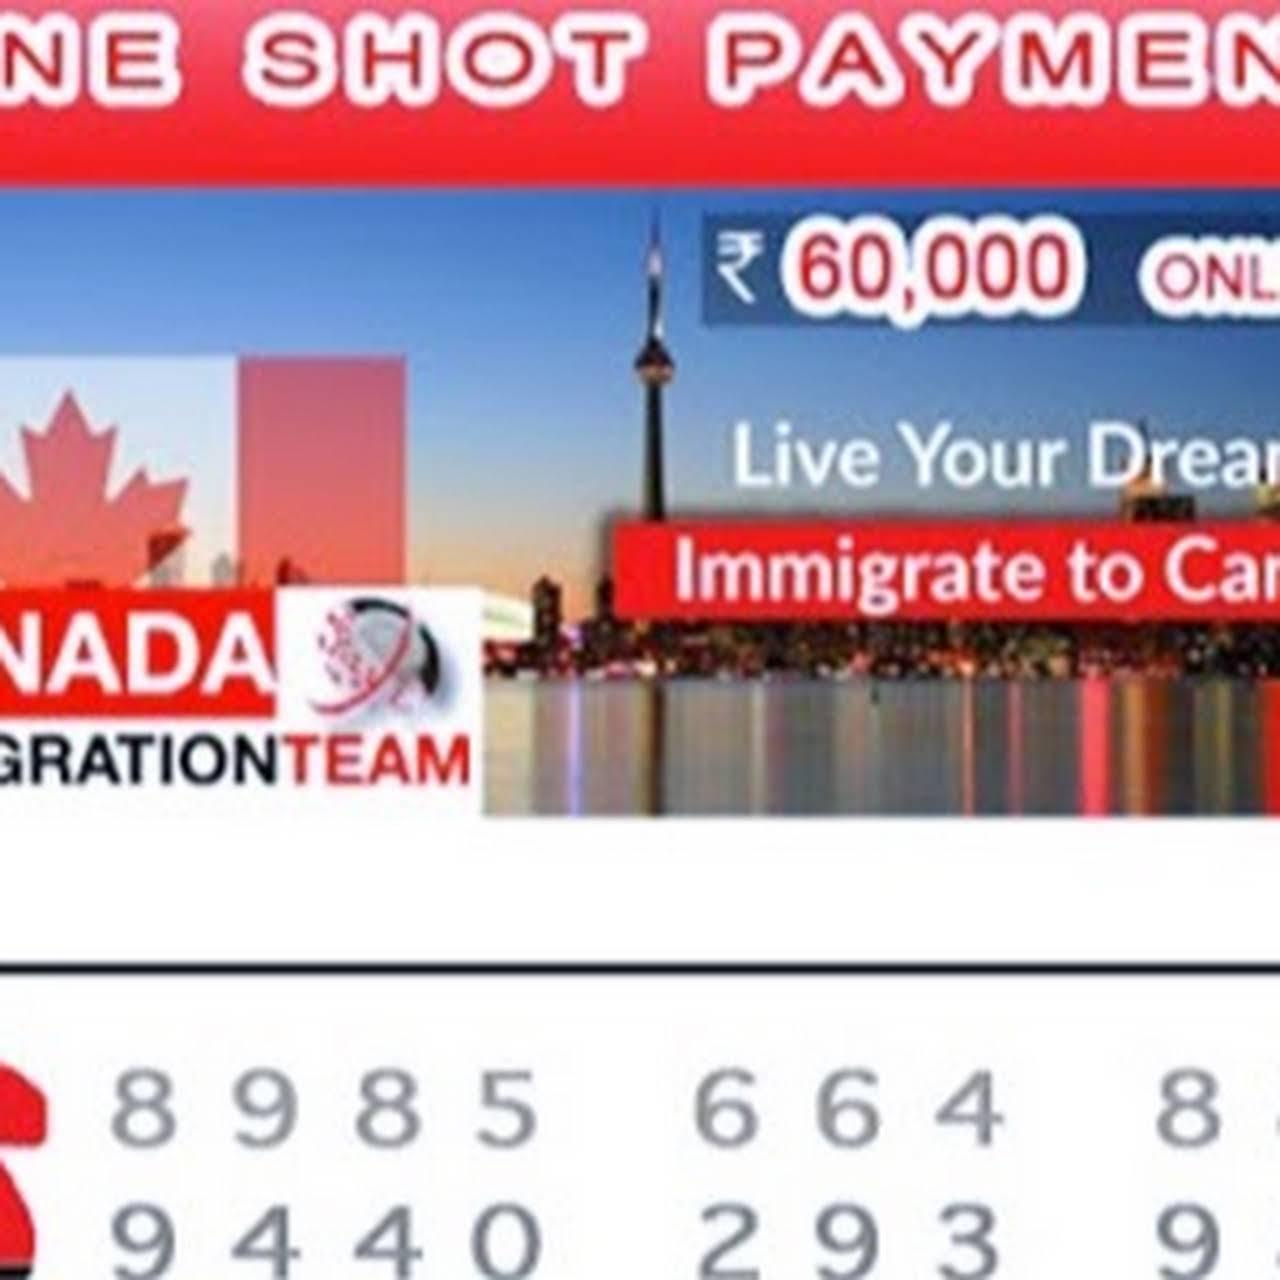 Canada & Australia Immigration PR Consultancy - Immigration